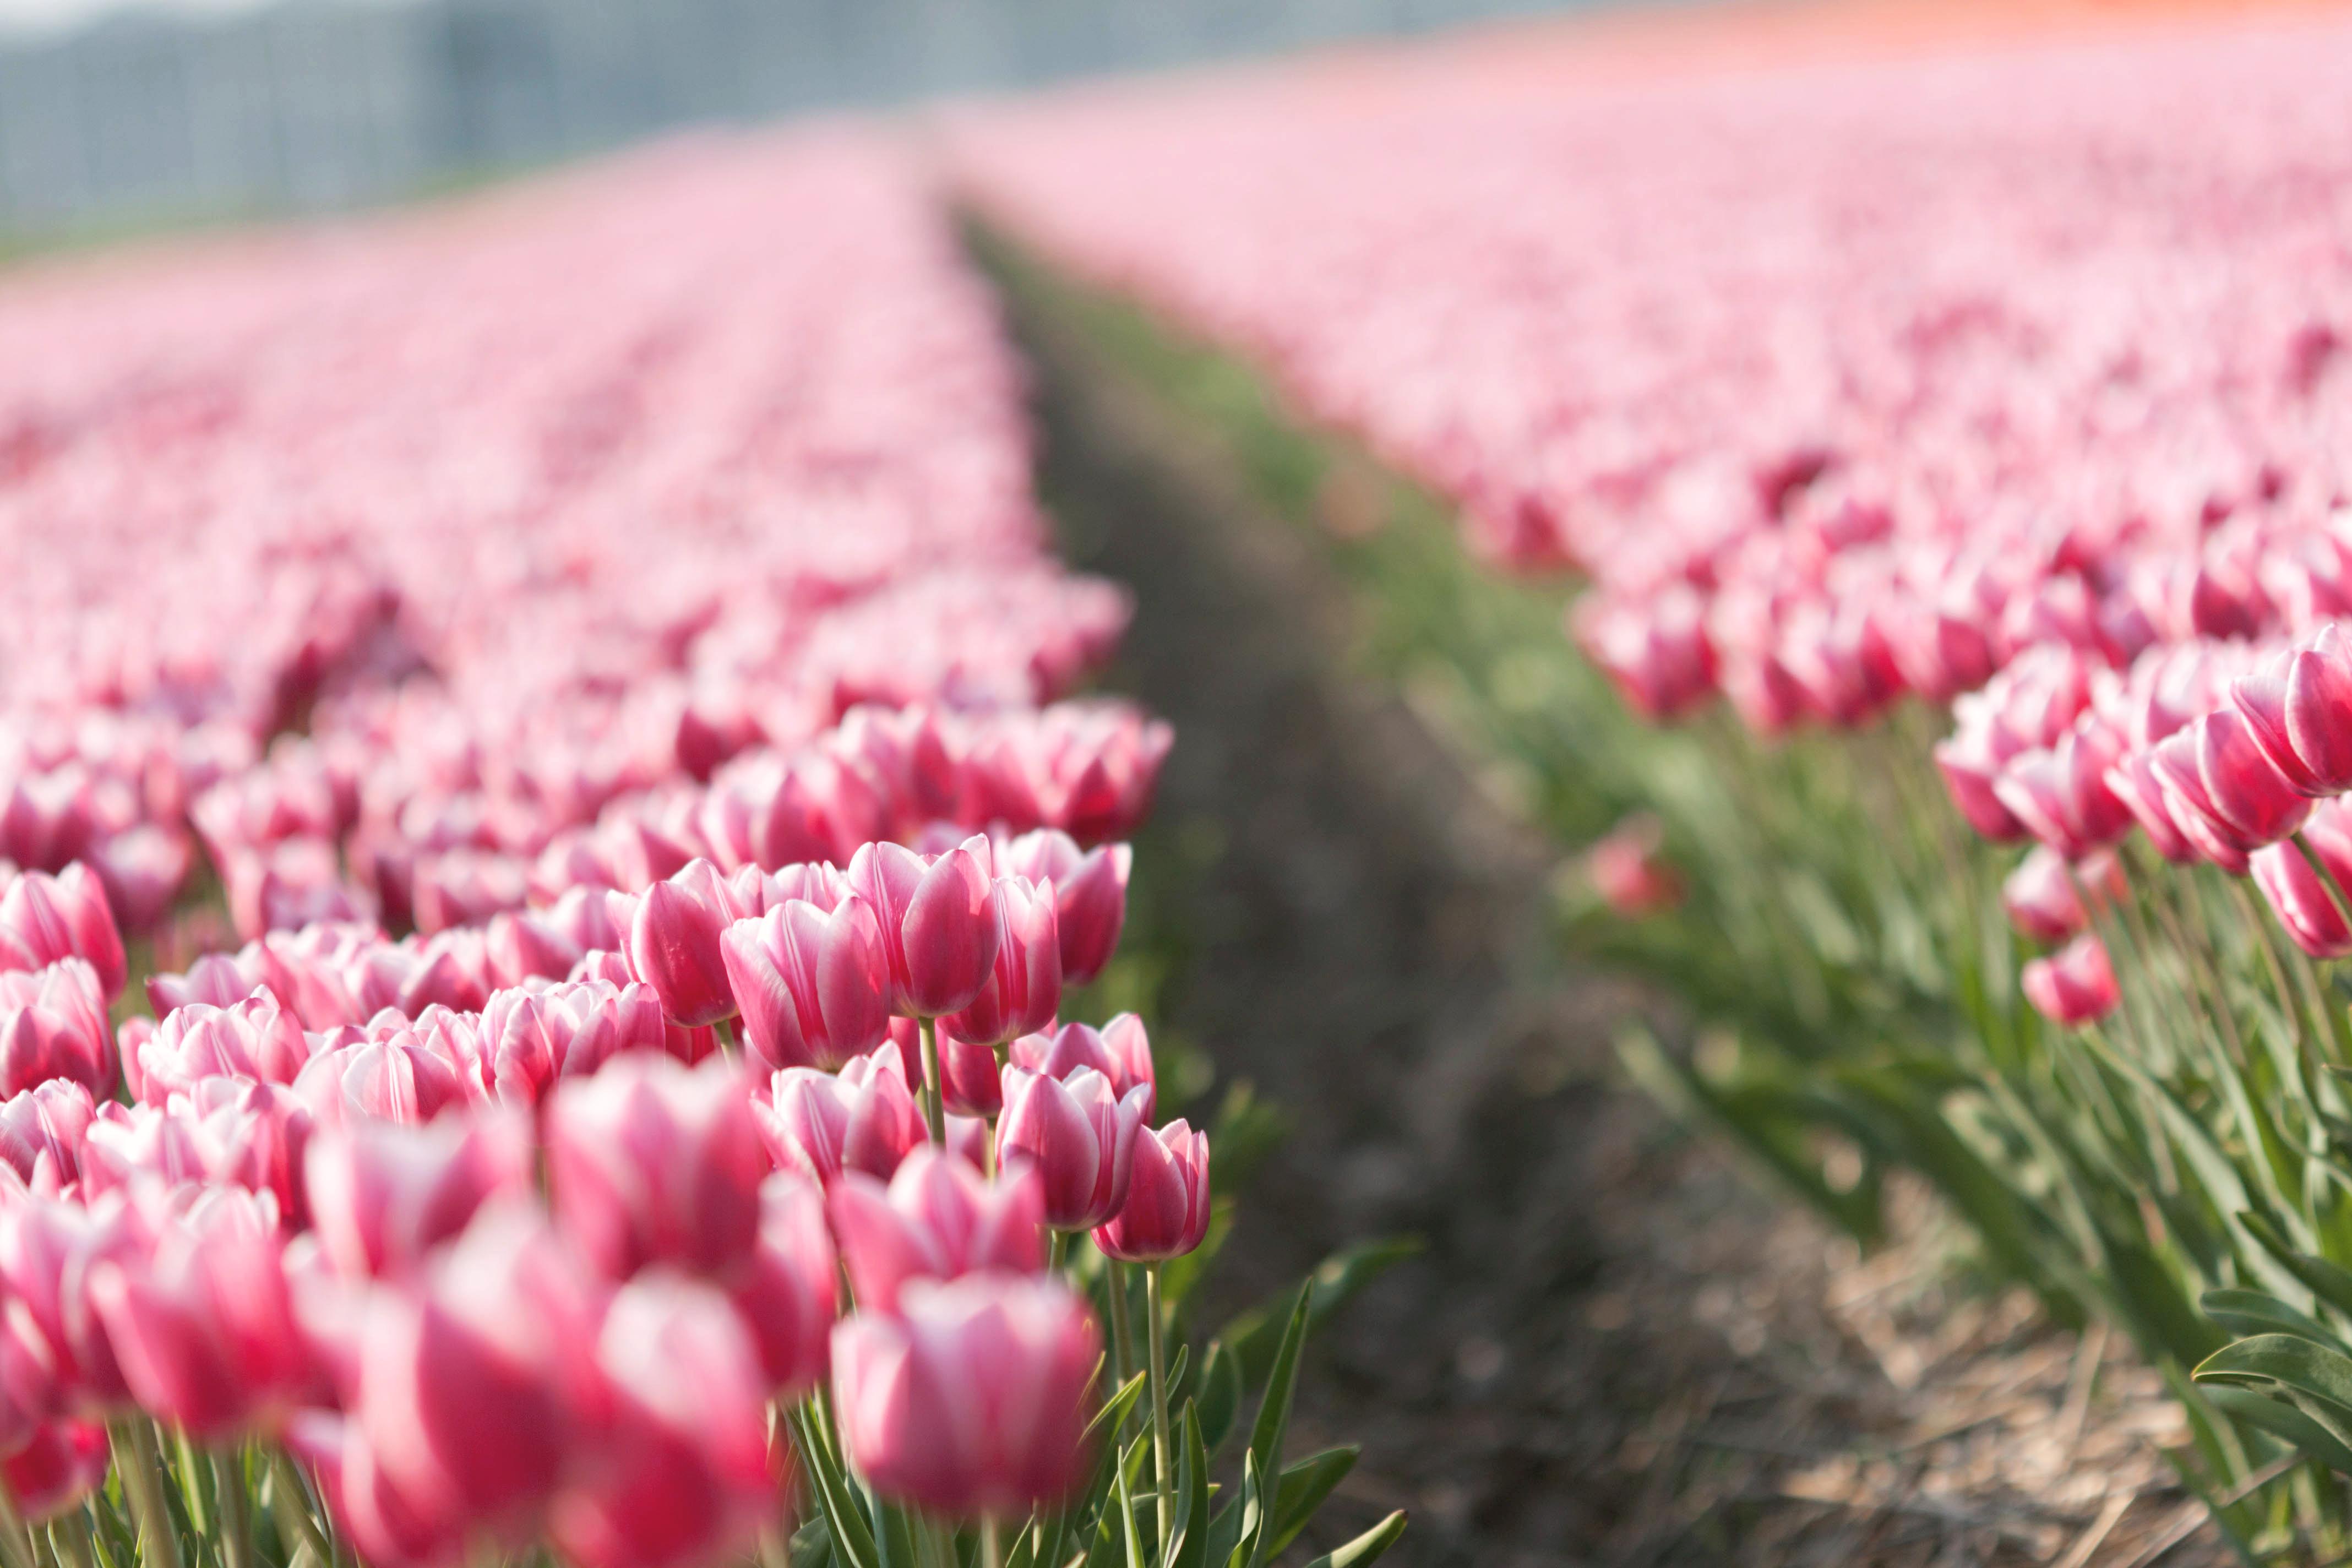 признанию красивые картинки на рабочий стол весна тюльпаны отдельных сан